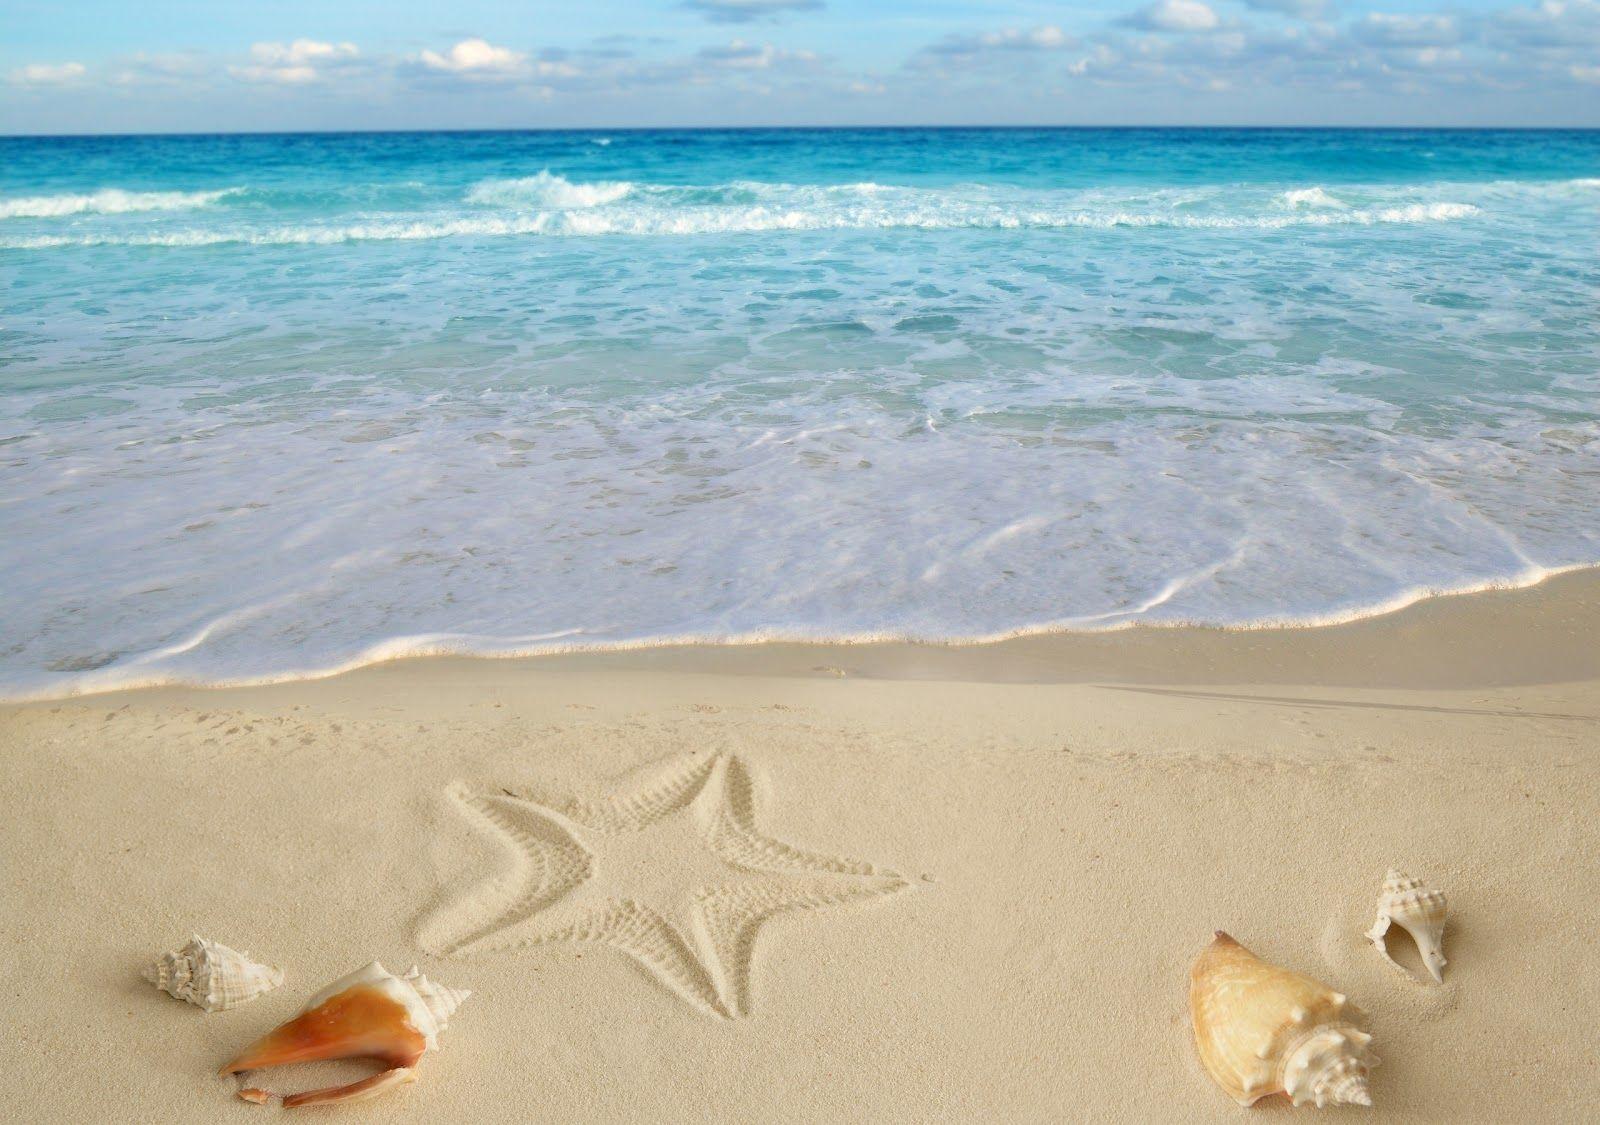 Mơ thấy biển có ý nghĩa gì? Điềm may hay rủi?